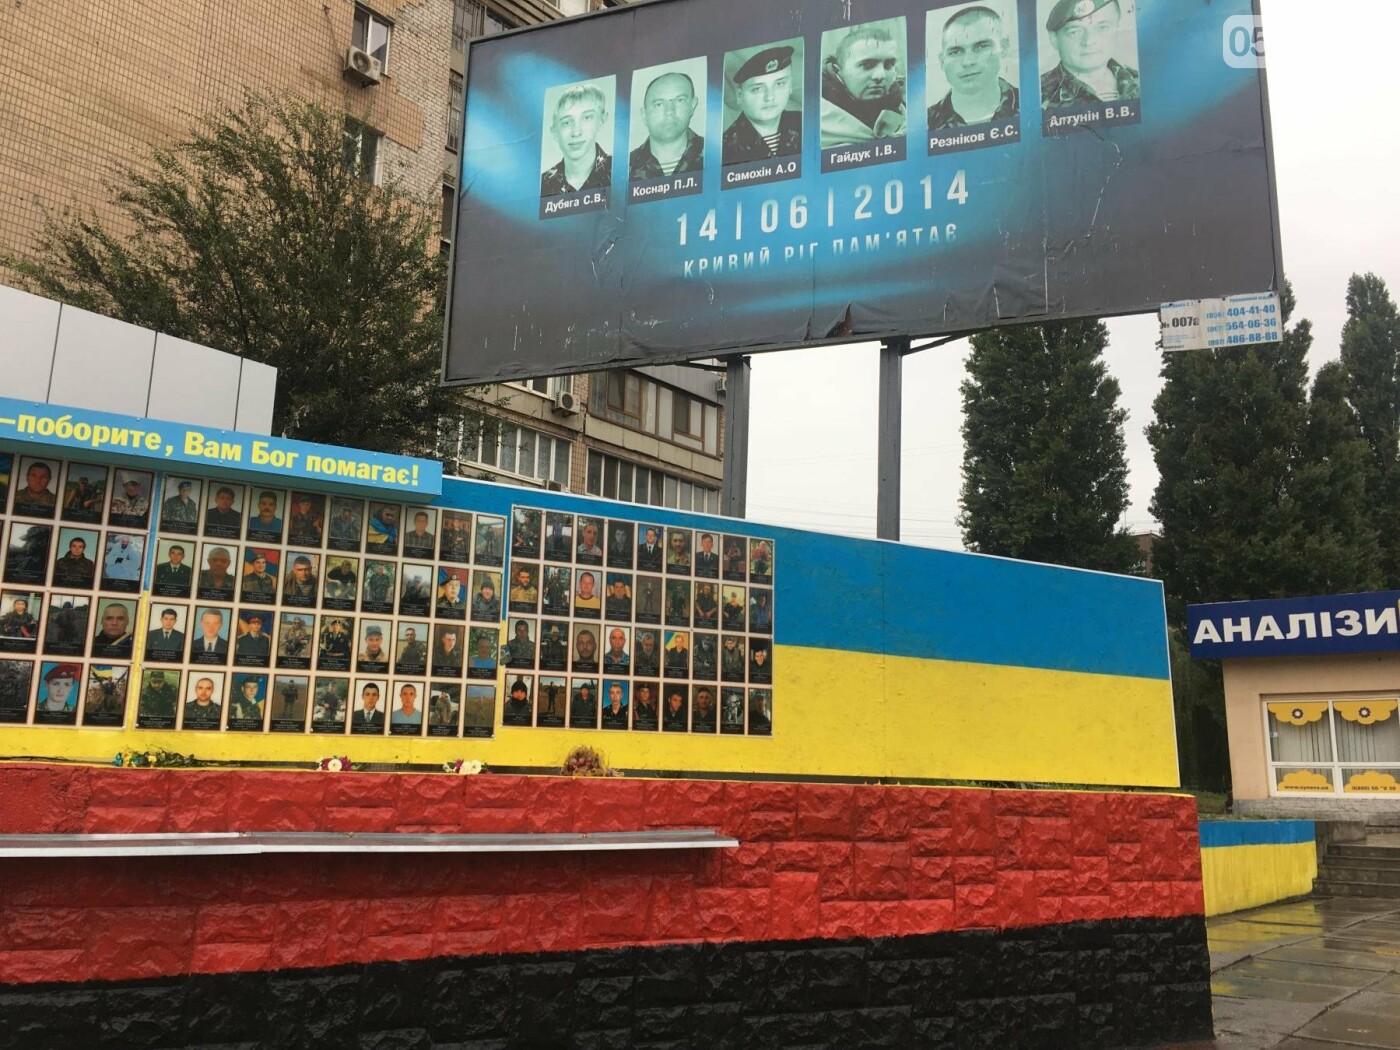 Центр Кривого Рога раскрашивают в красно-черный и сине-желтый цвета, - ФОТО , фото-1